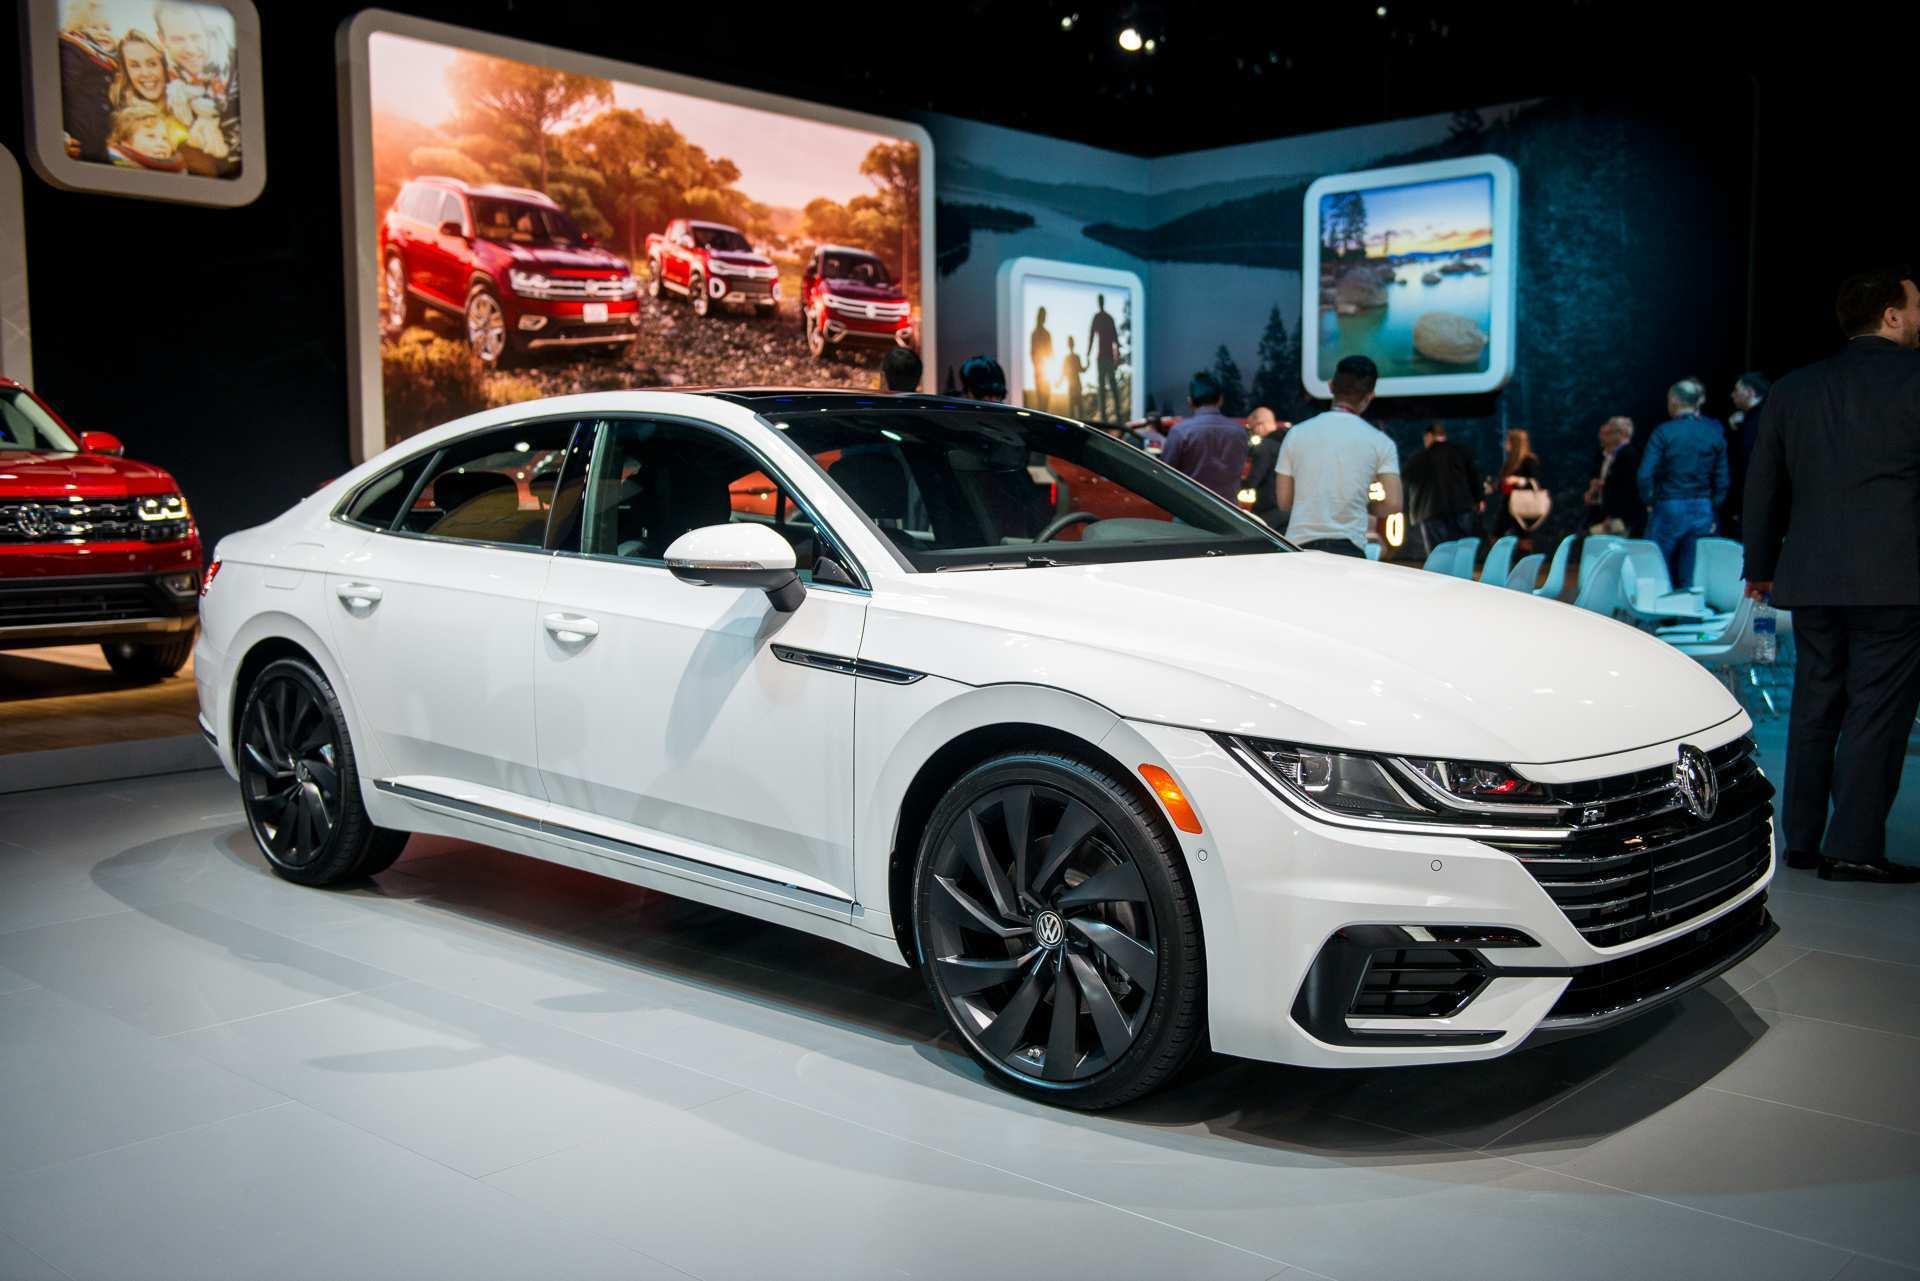 58 Gallery of New 2019 Volkswagen R New Concept Performance with New 2019 Volkswagen R New Concept